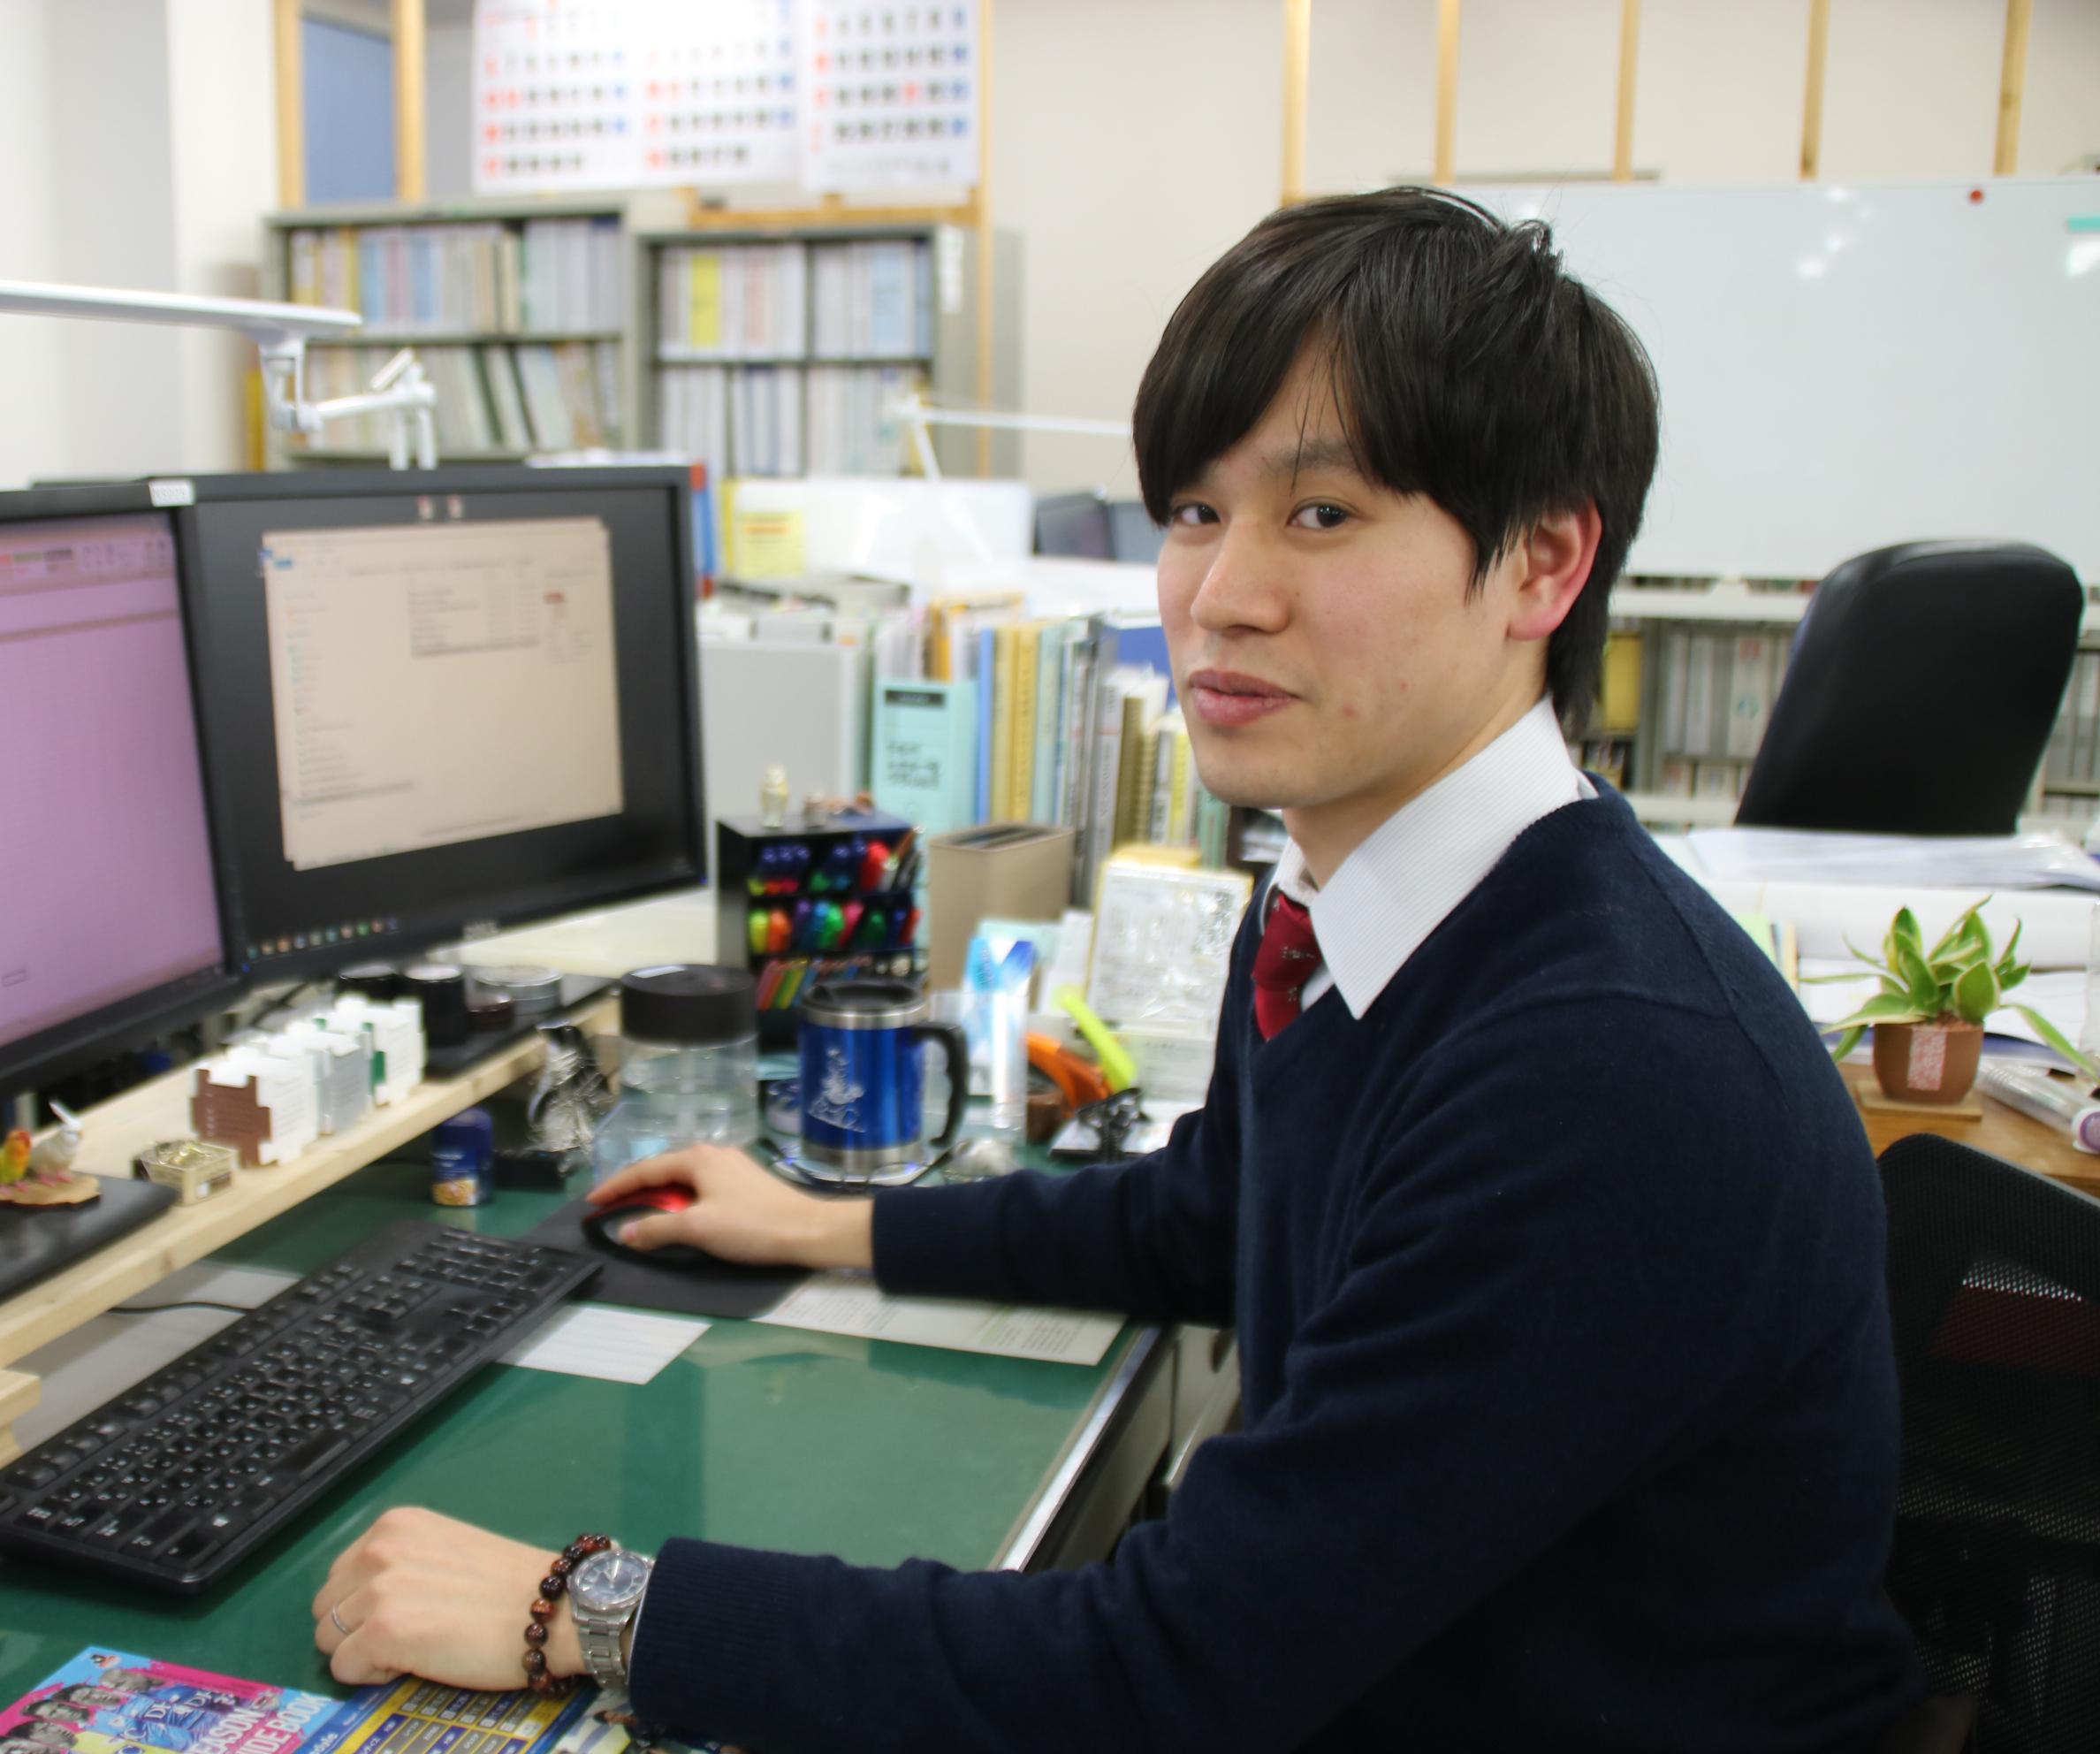 西日本コンサルタント(株)  田嶋 亮太さん(27歳)